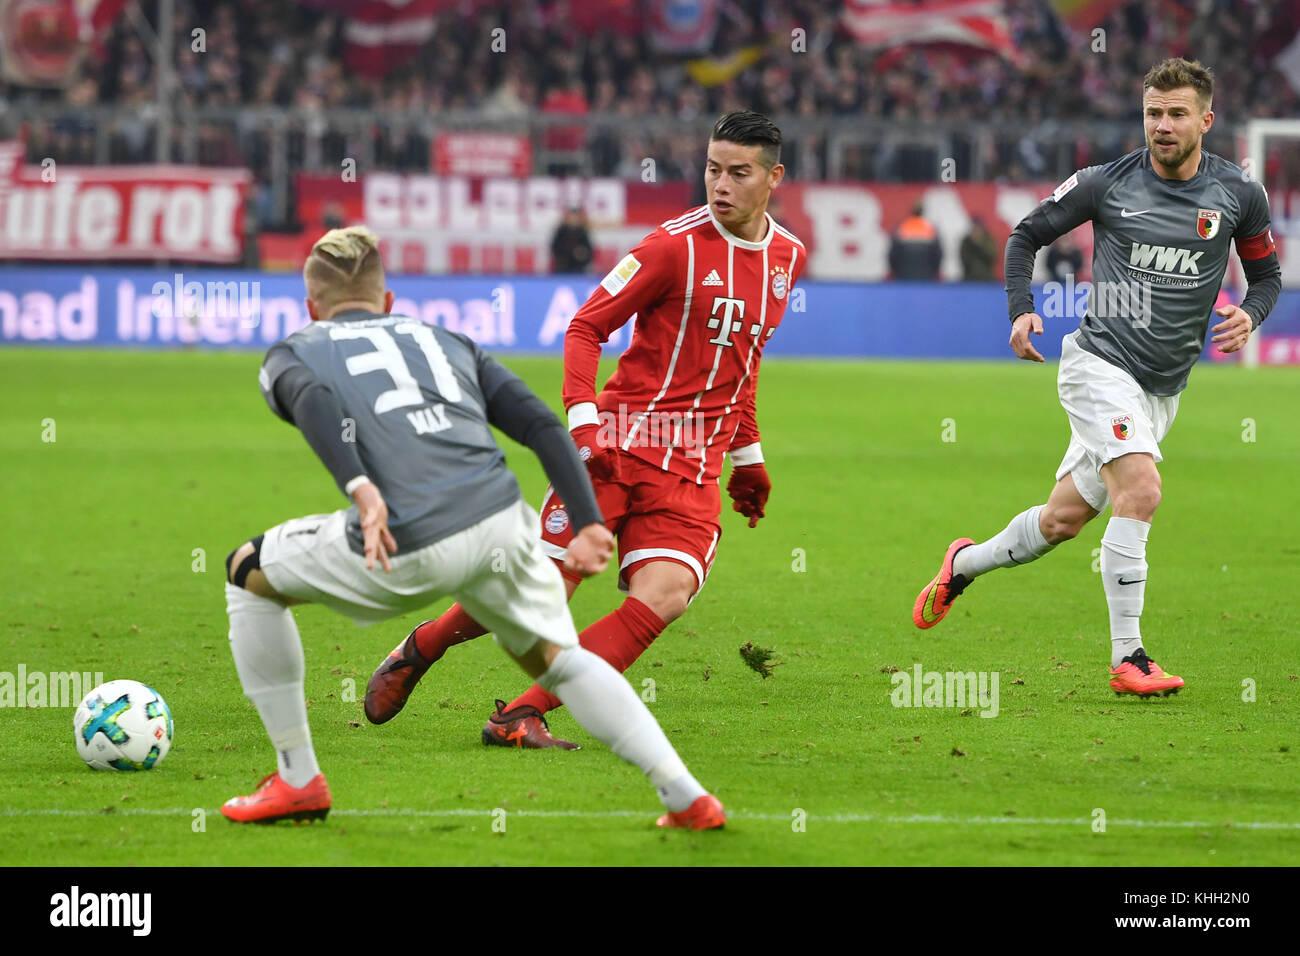 James RODRIGUEZ (FC Bayern Munich), Aktion, duels versus Philipp MAX (FC Augsburg). Fussball 1. Bundesliga, 12.Spieltag, - Stock Image